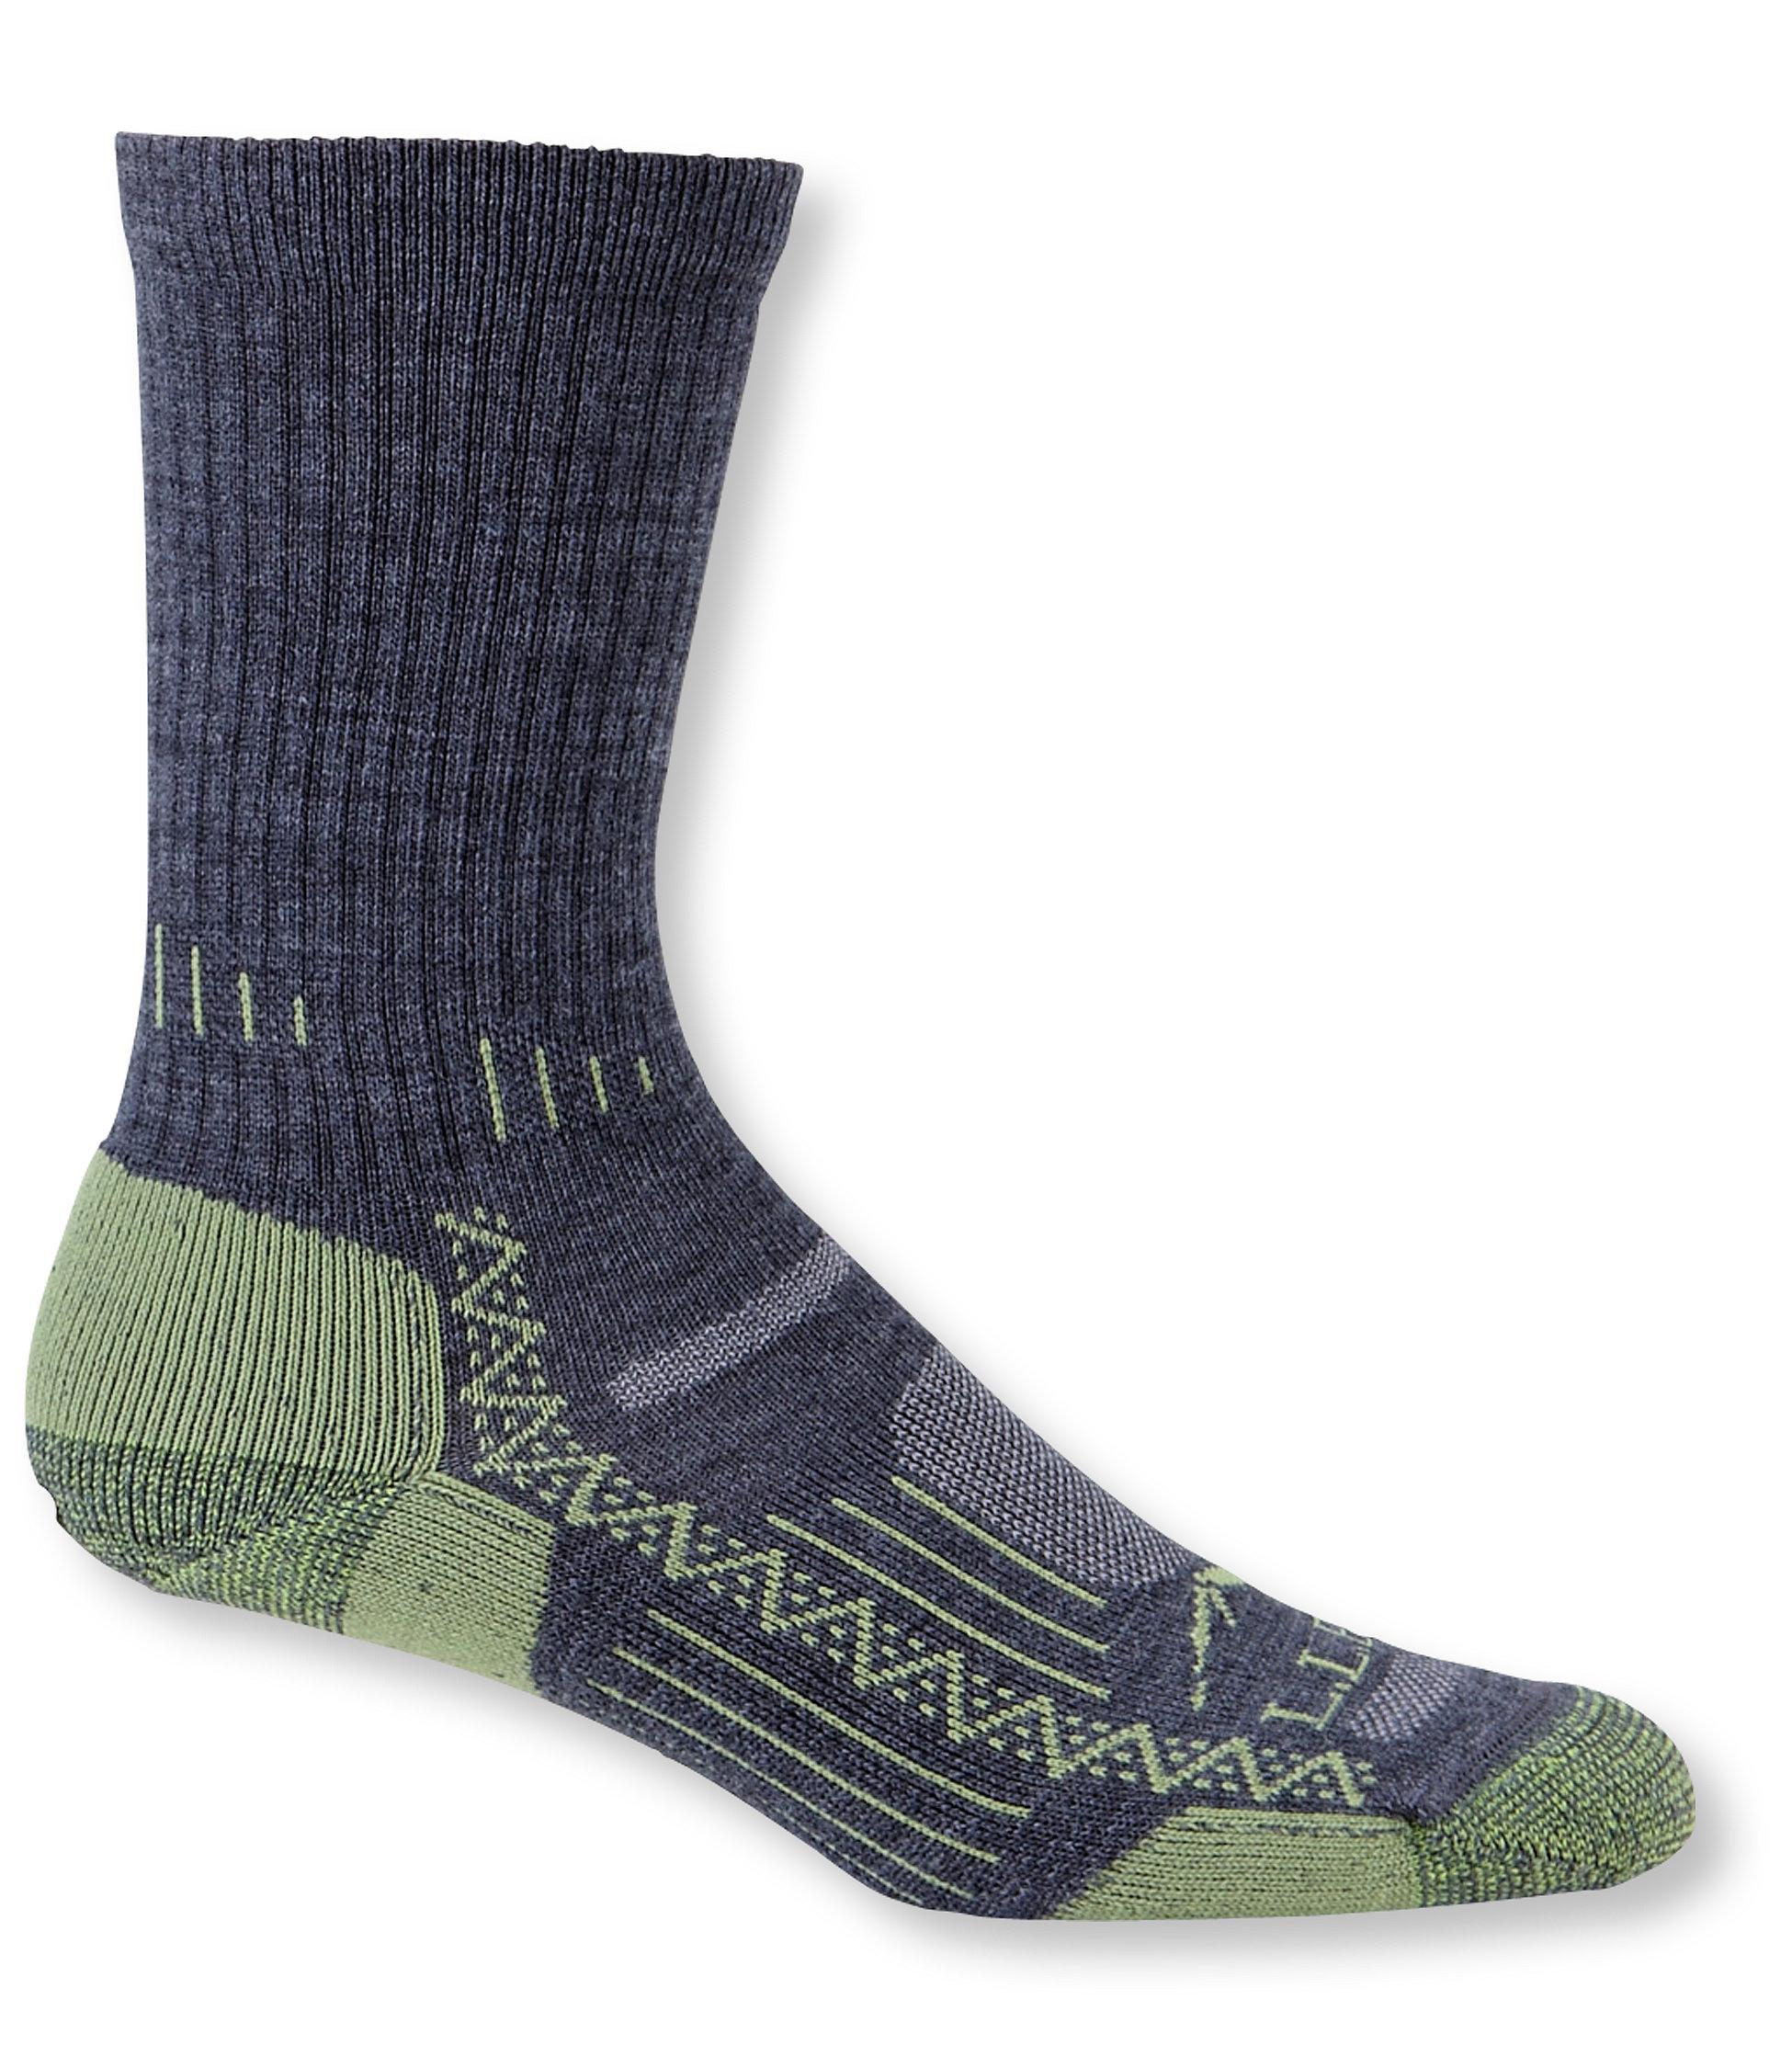 L.L.Bean Ascent Hiking Sock, Lightweight Crew